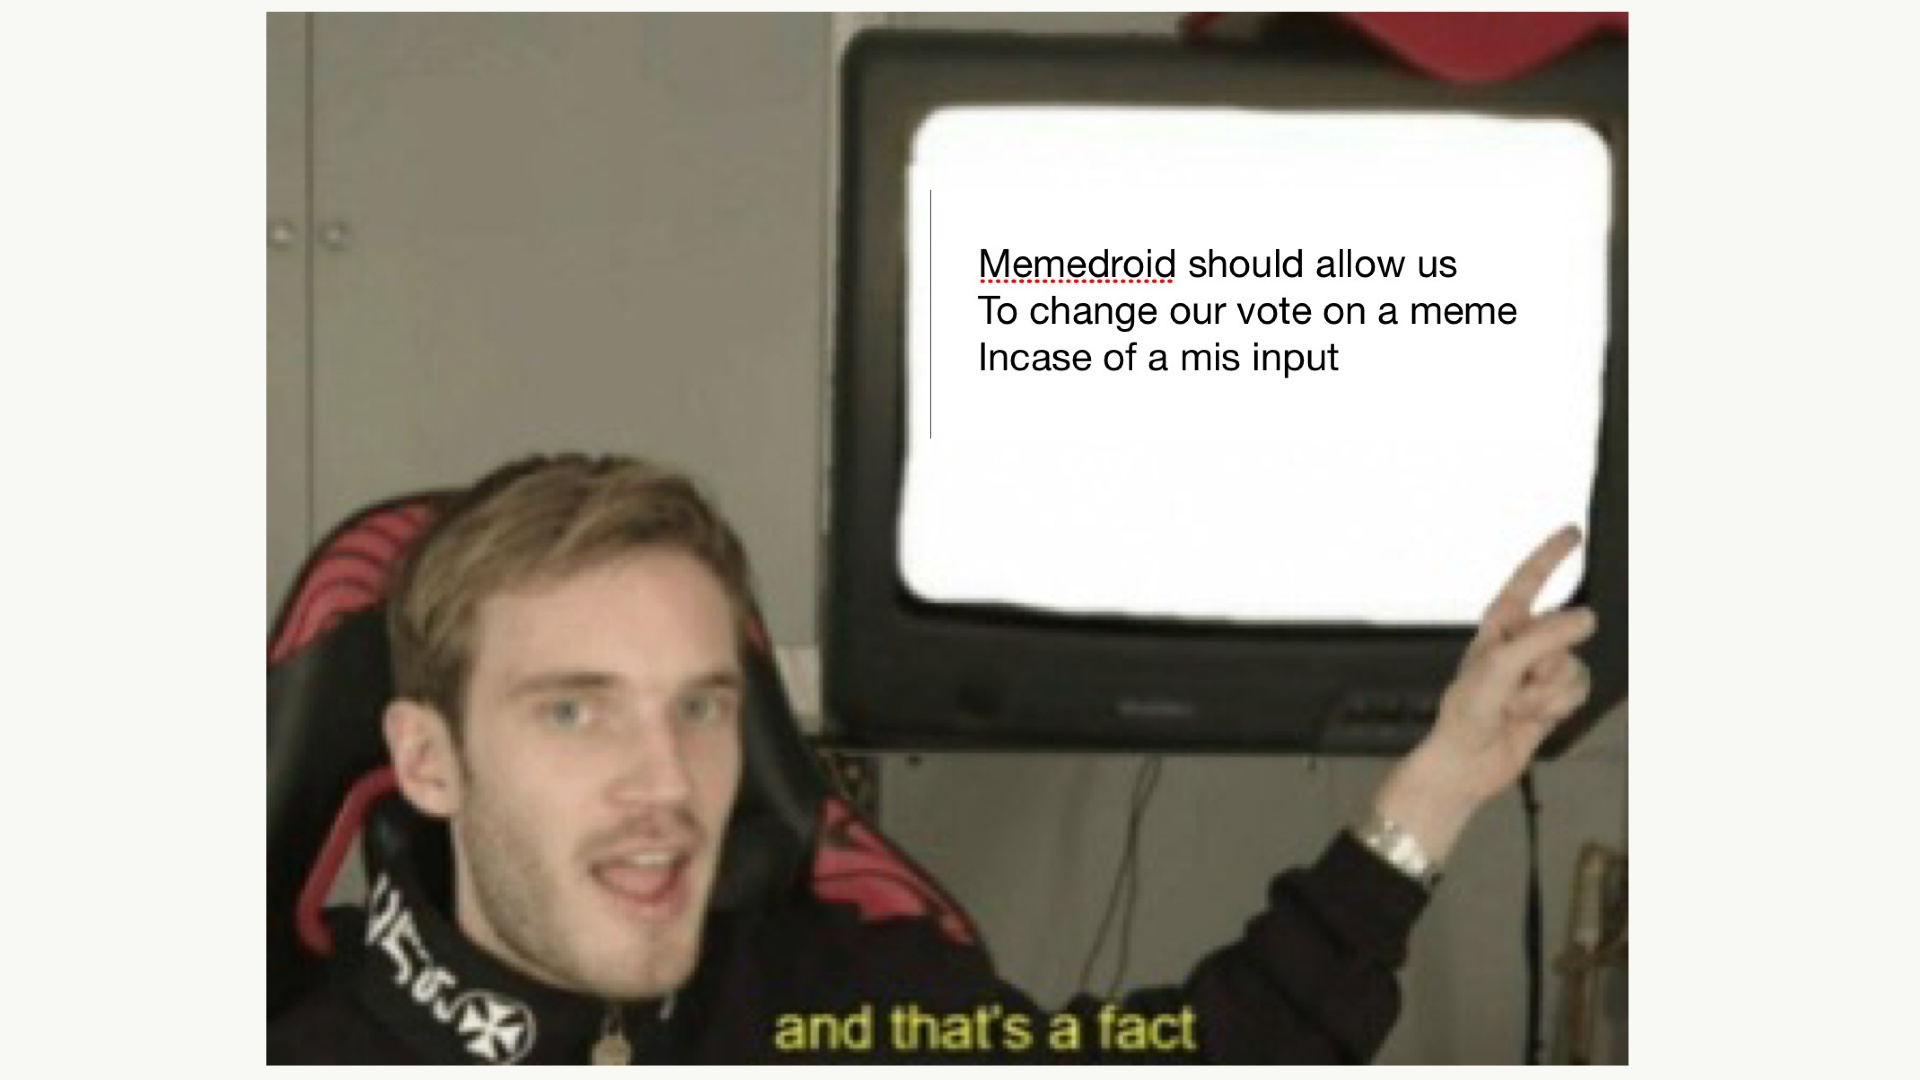 I mean its true - meme